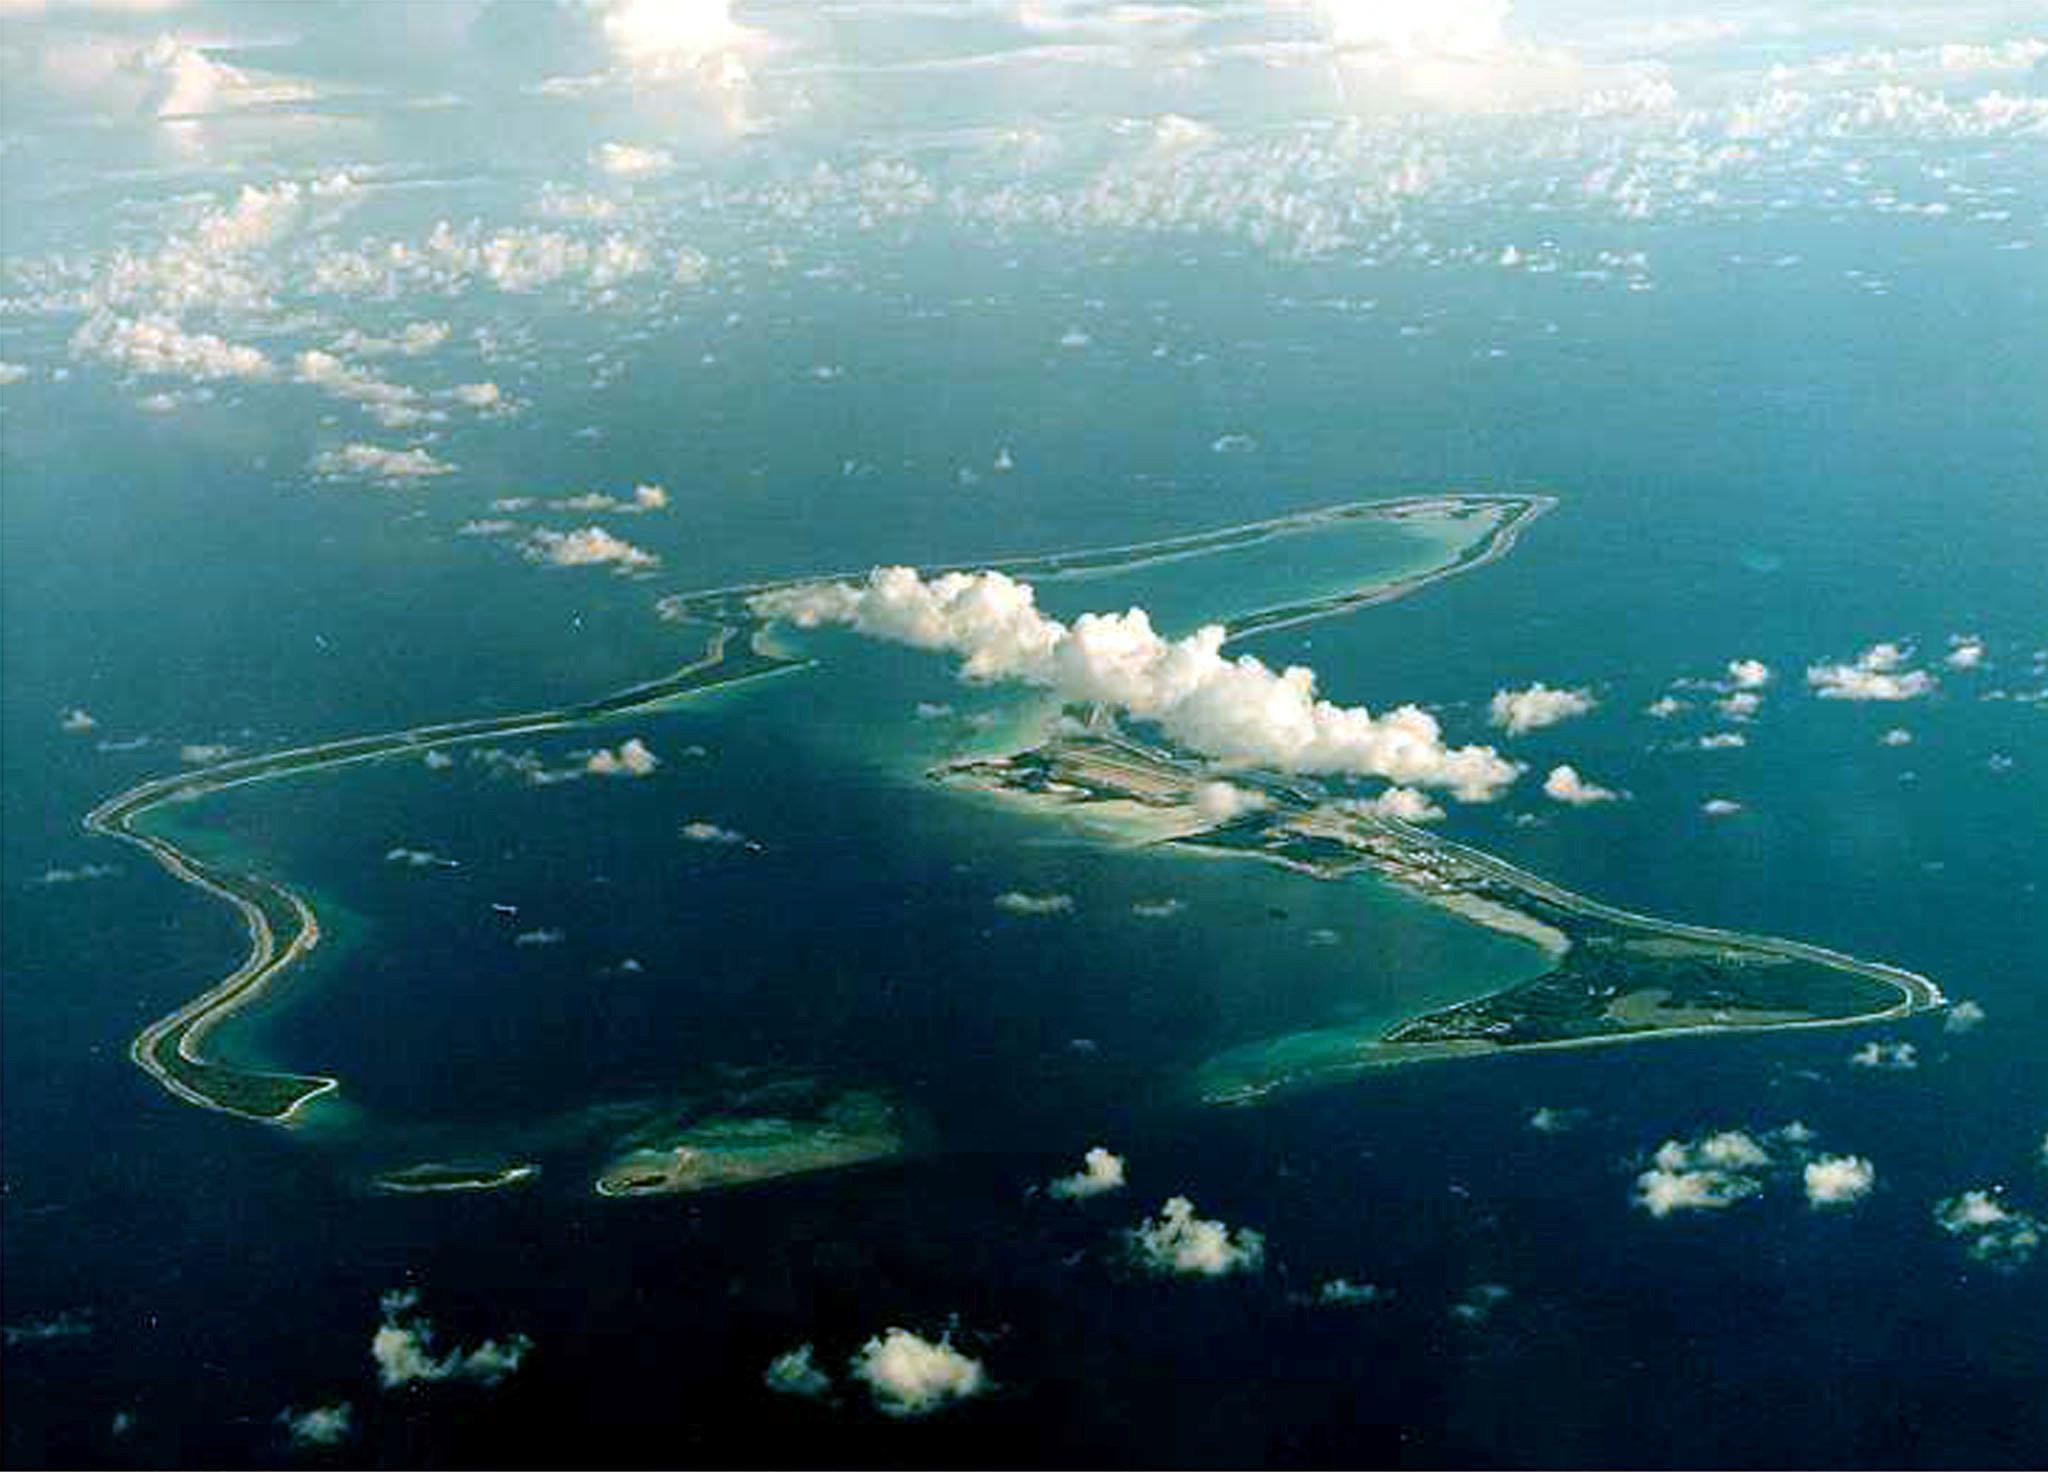 World Court weighs Britain's claim to Chagos Islands